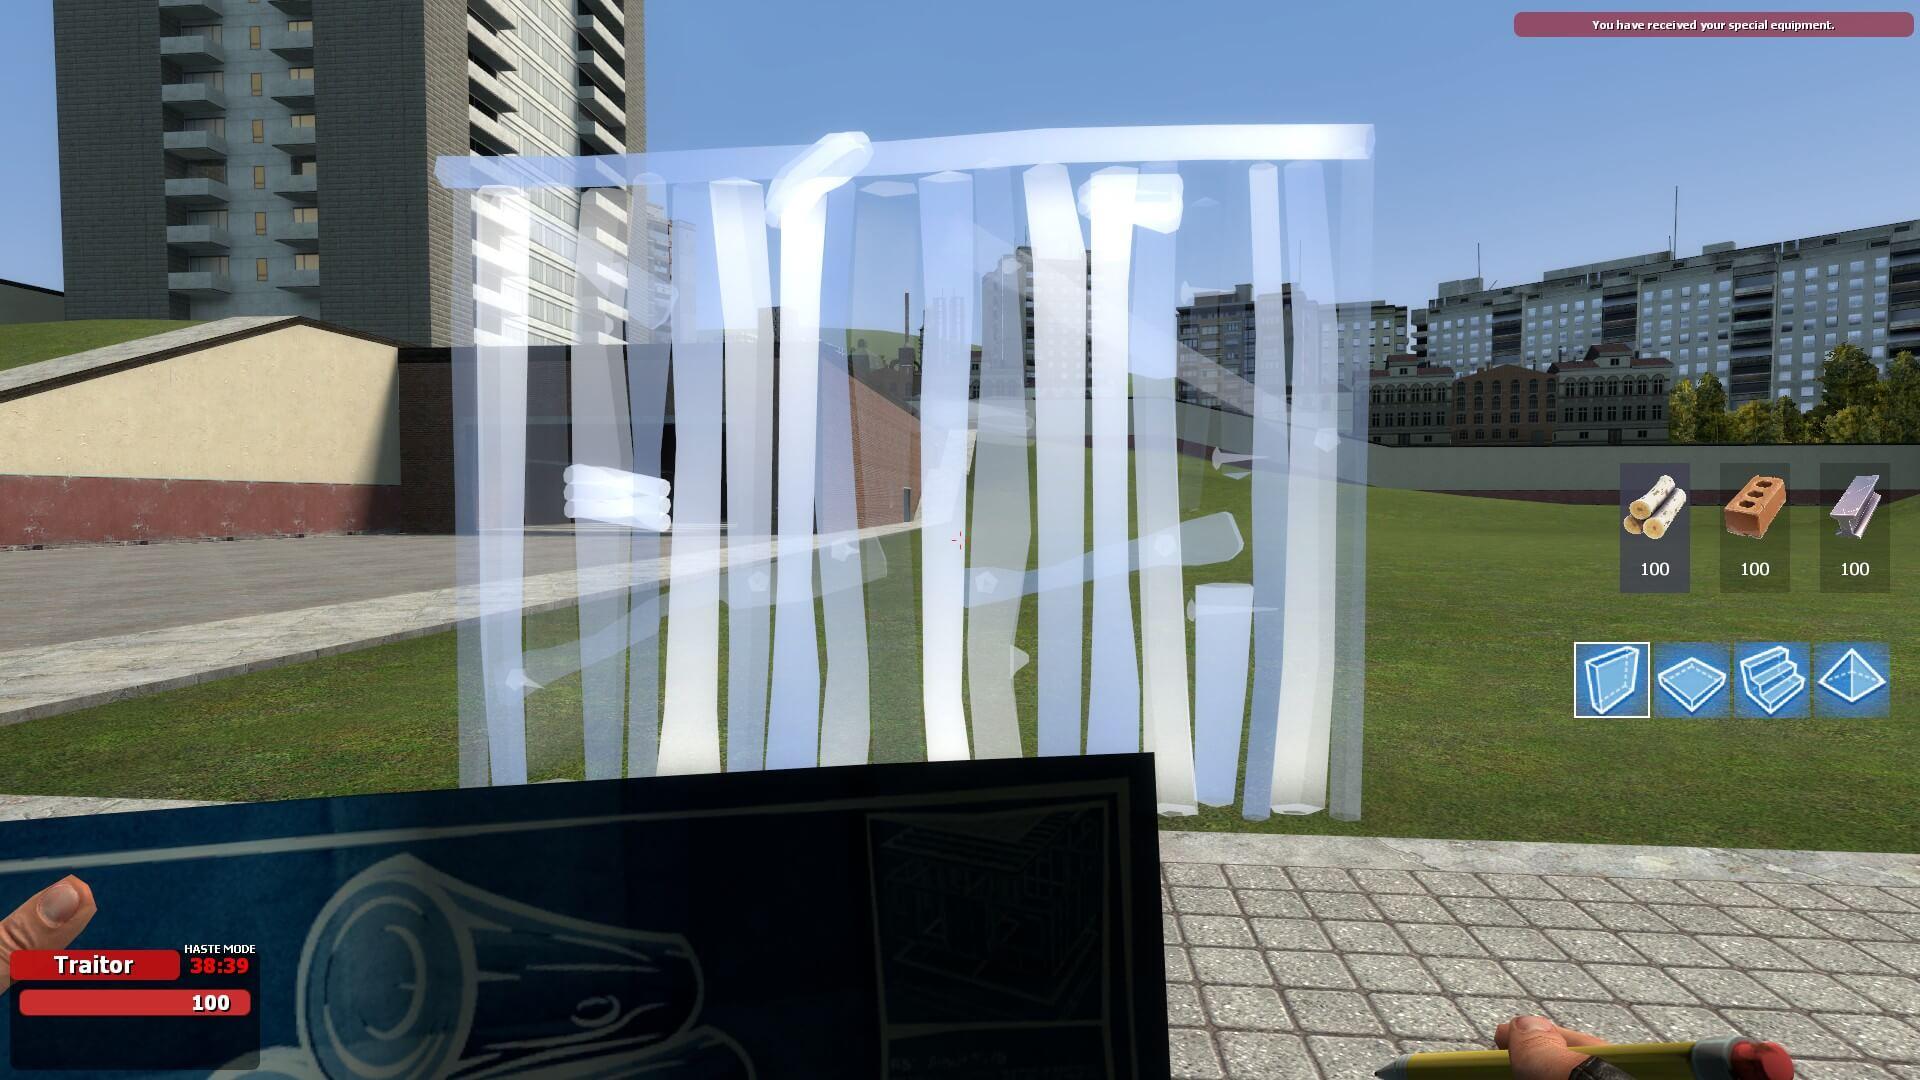 Garry's Mod - Fortnite Building Tool для TTT/SB – Мод-сообщество